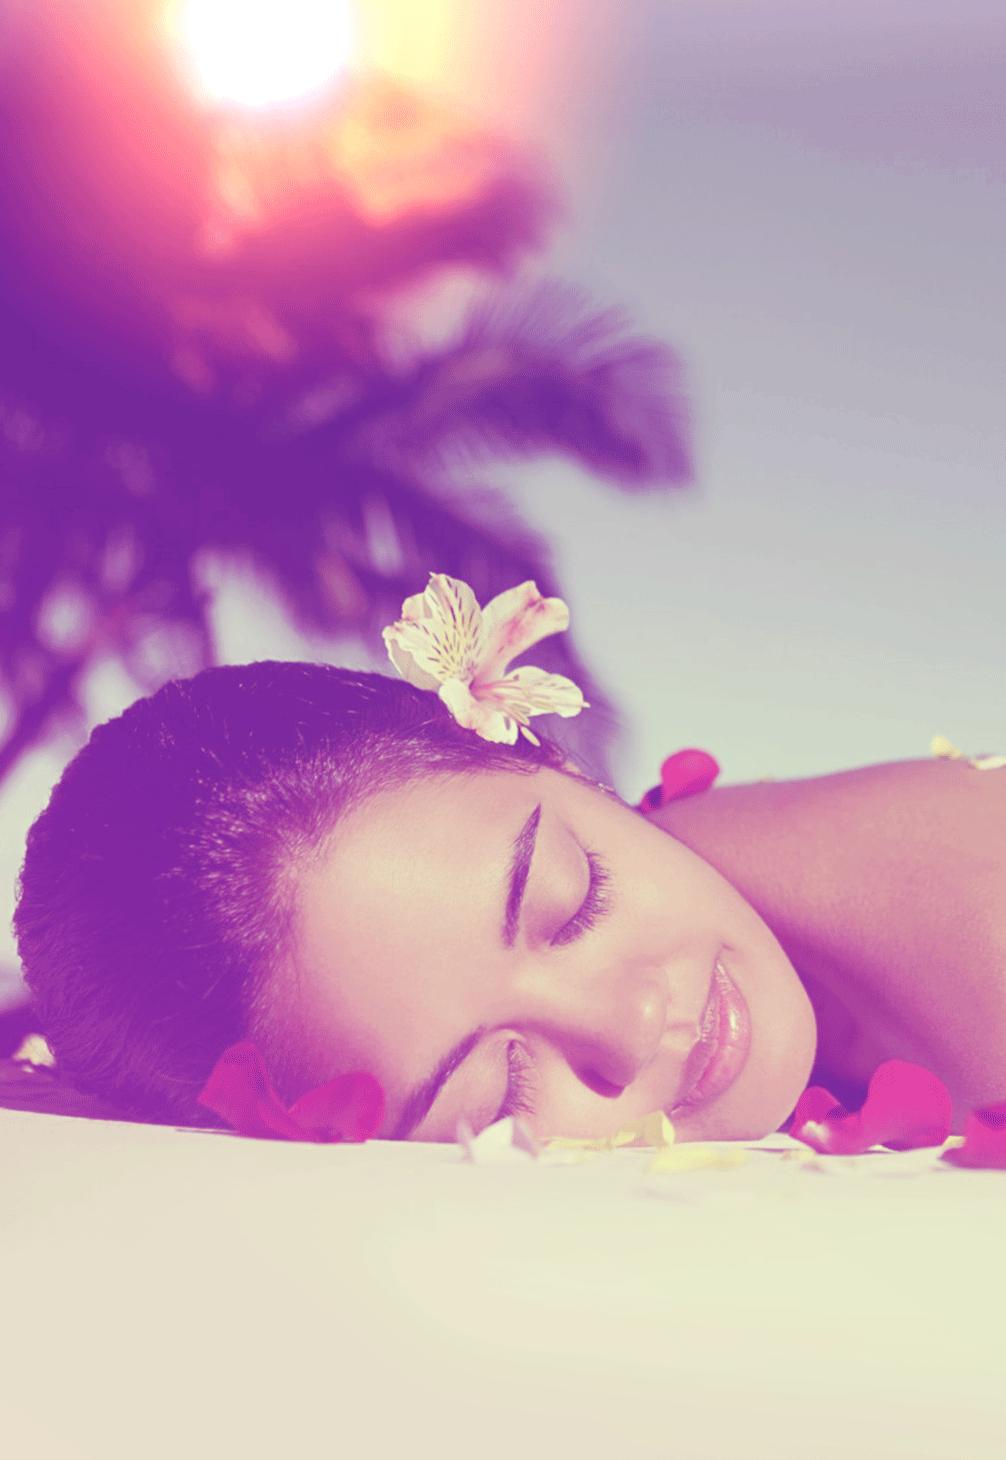 Remedial Massage, Hot Stone Massage, Reflexology, Pregnancy Massage, Intuitive Massage